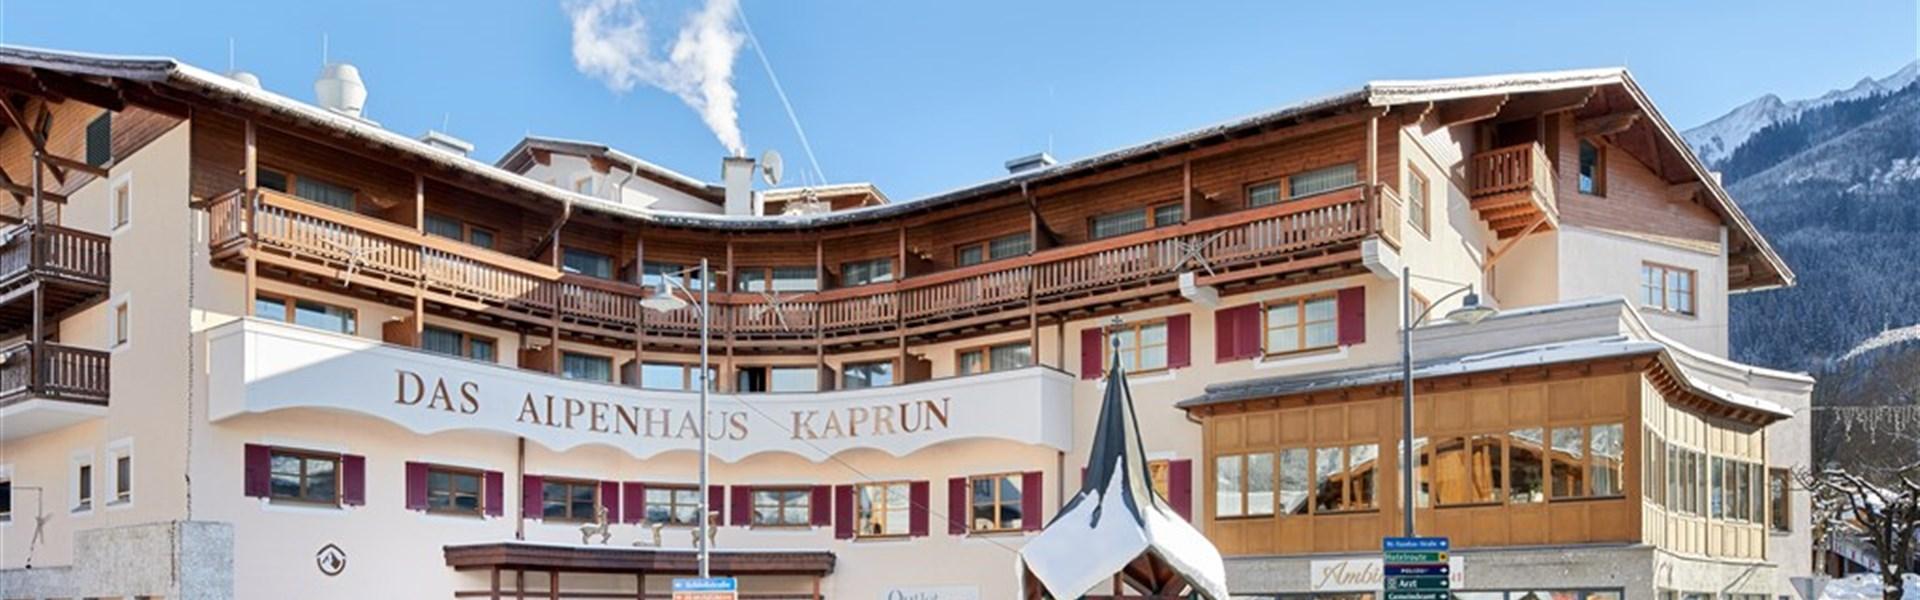 Das Alpenhaus Kaprun -